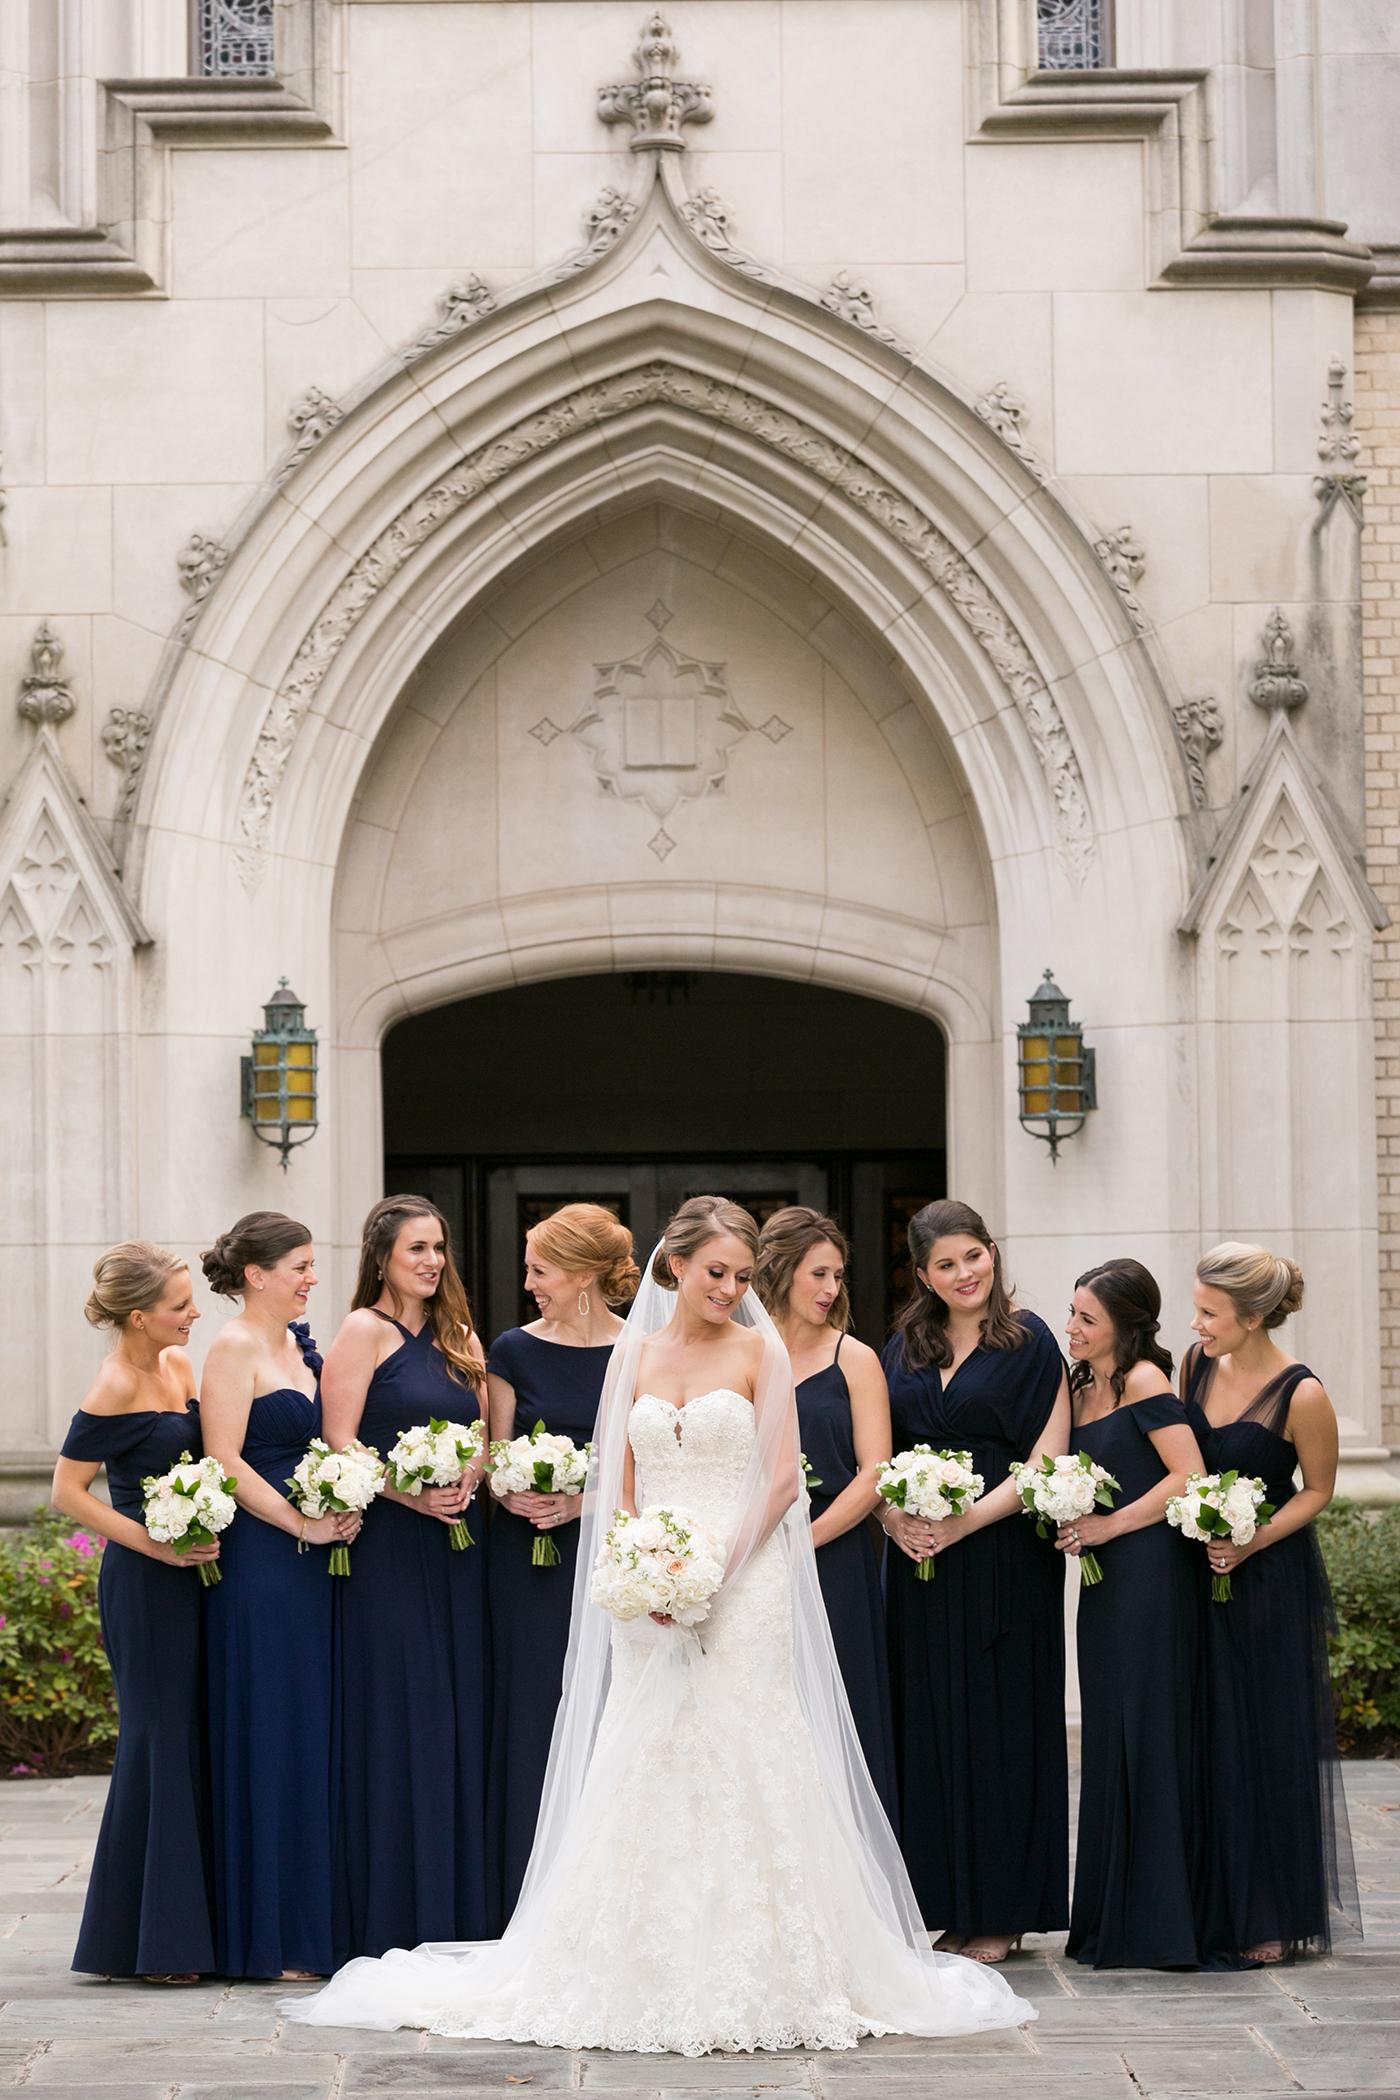 Dallas Wedding Planner - Allday Events - Classic Wedding at Dallas Scottish Rite - 283.jpg